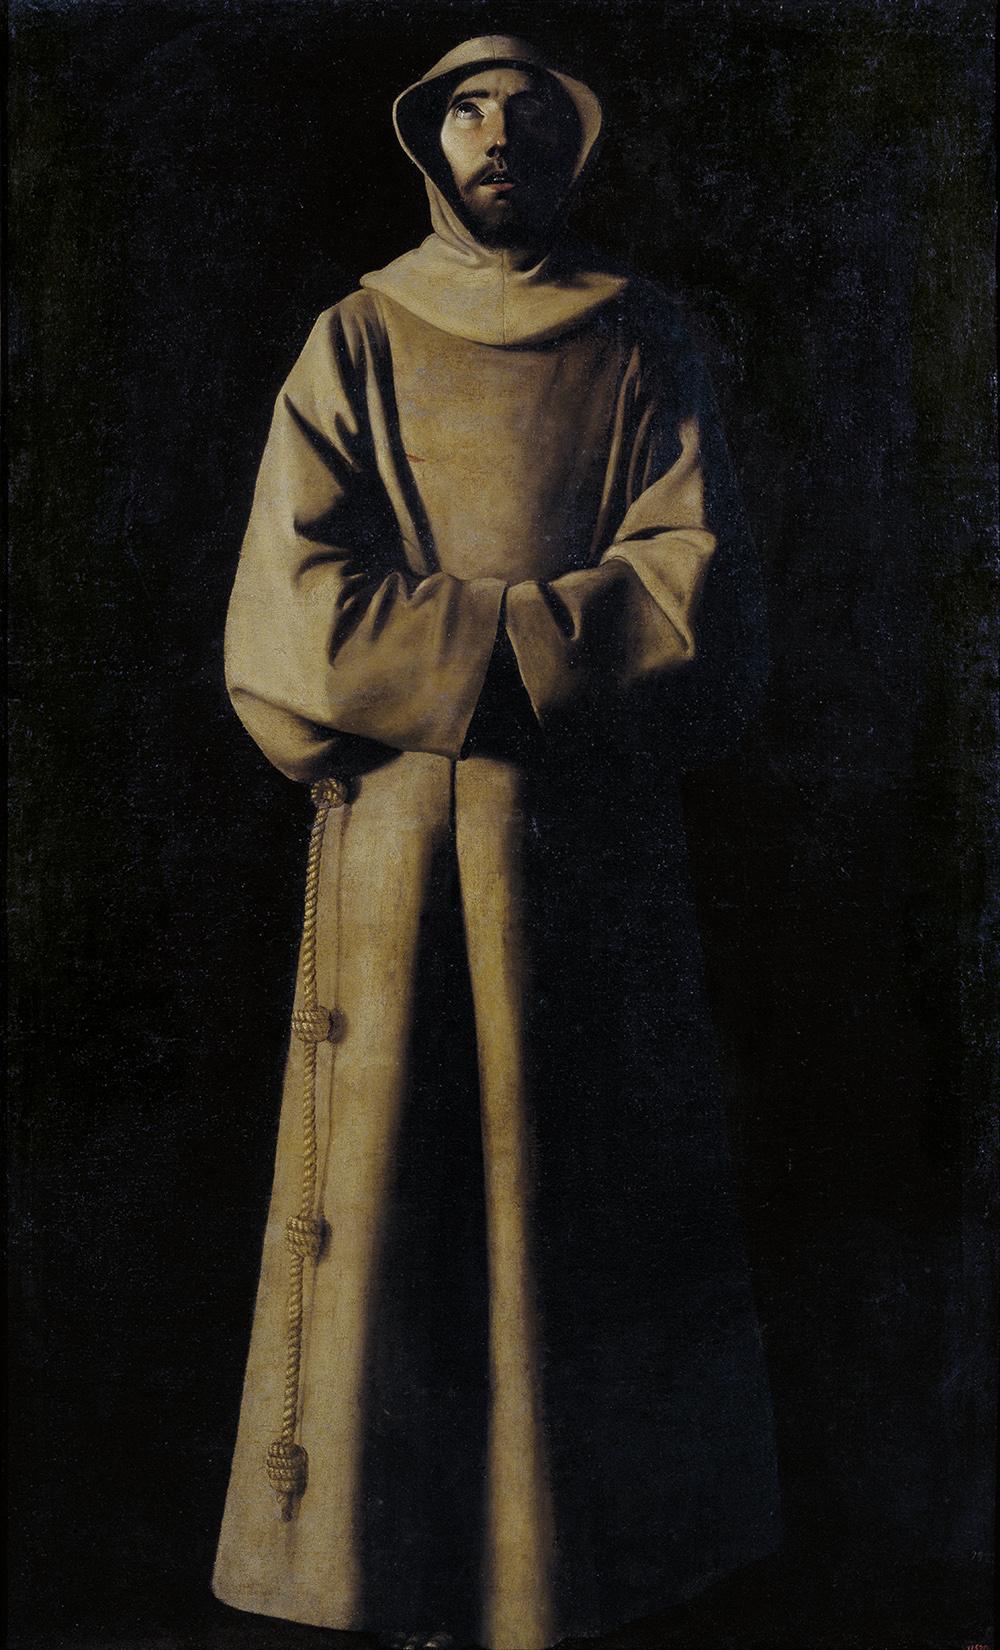 Francisco de Zurbarán - 'San Francisco de Asís según la visión del Papa Niocolas V', c. 1640